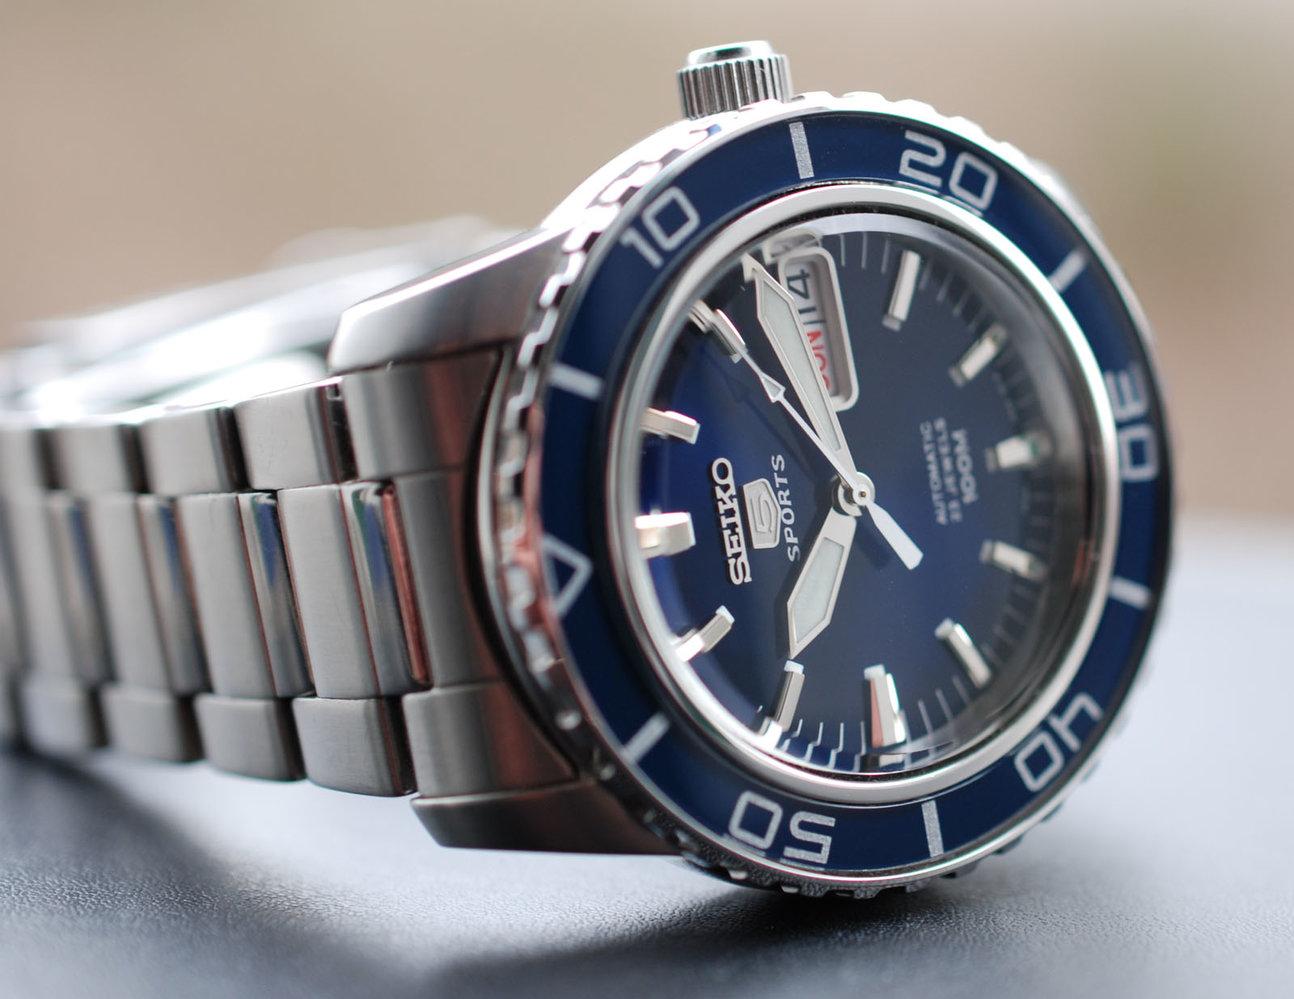 602548d1365933517-seiko-glossy-blau-snzh53k1-001.jpg